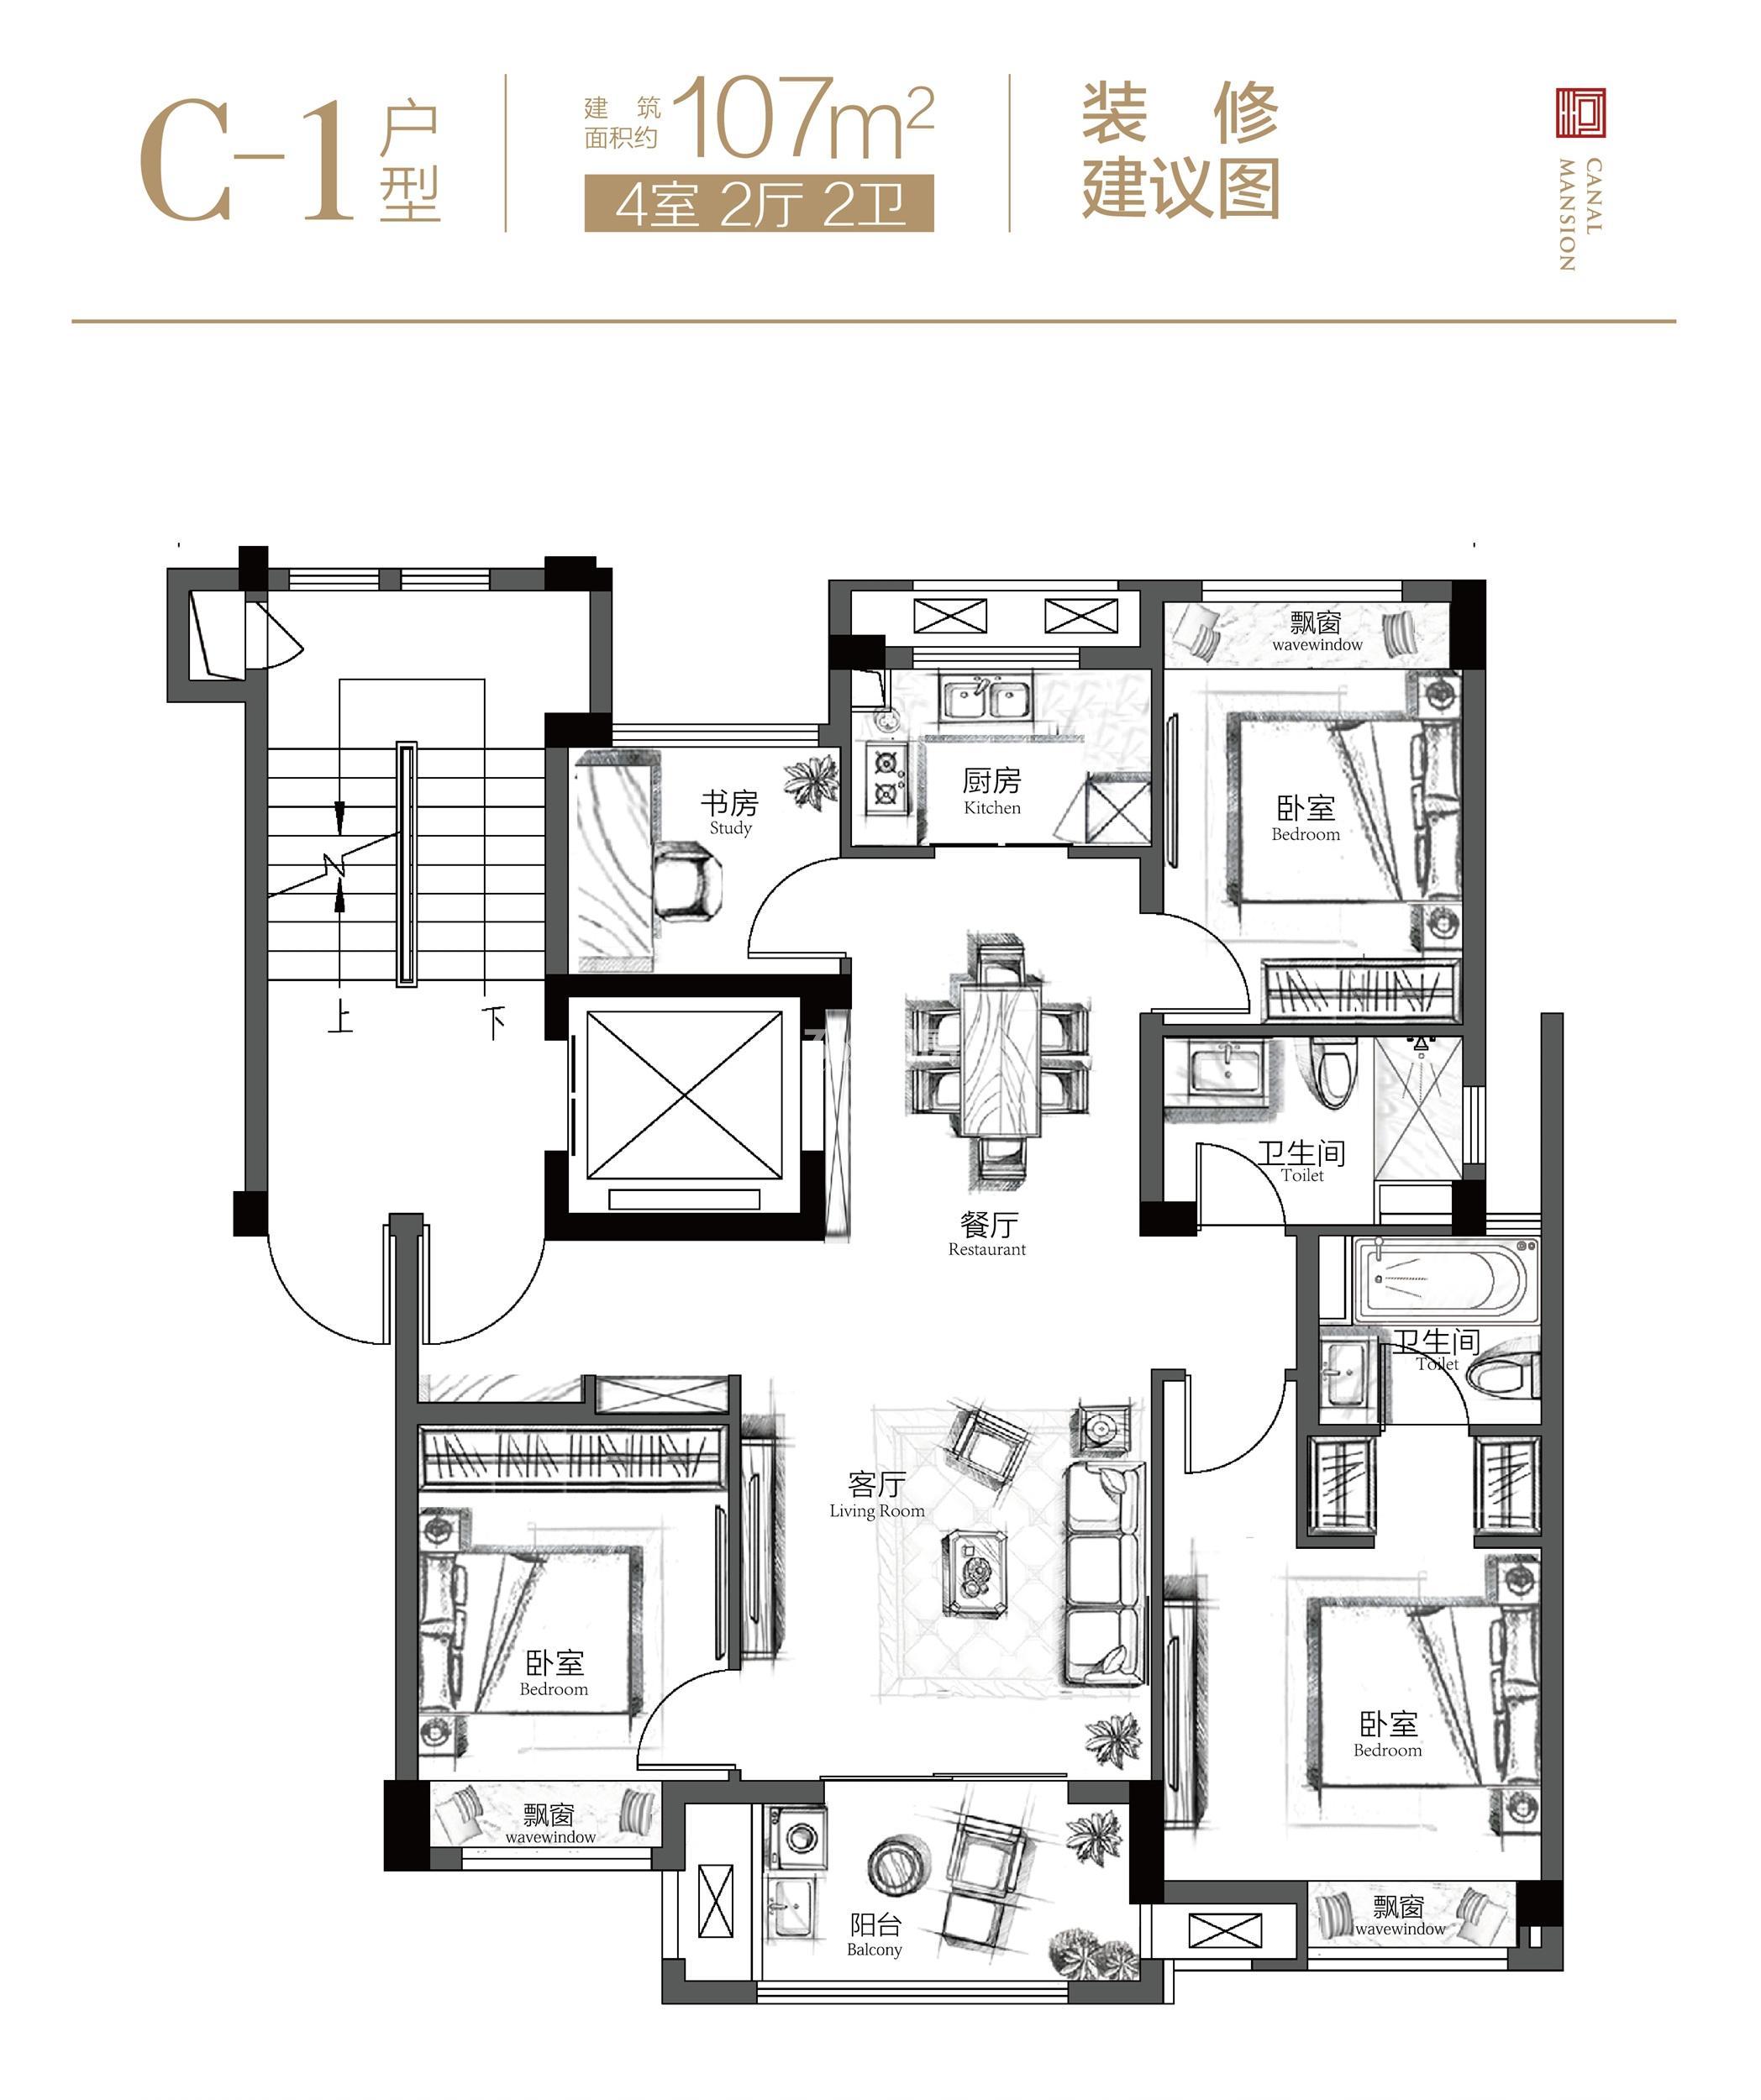 旭辉运河悦章洋房3、4、7、8号楼C-1户型 107㎡